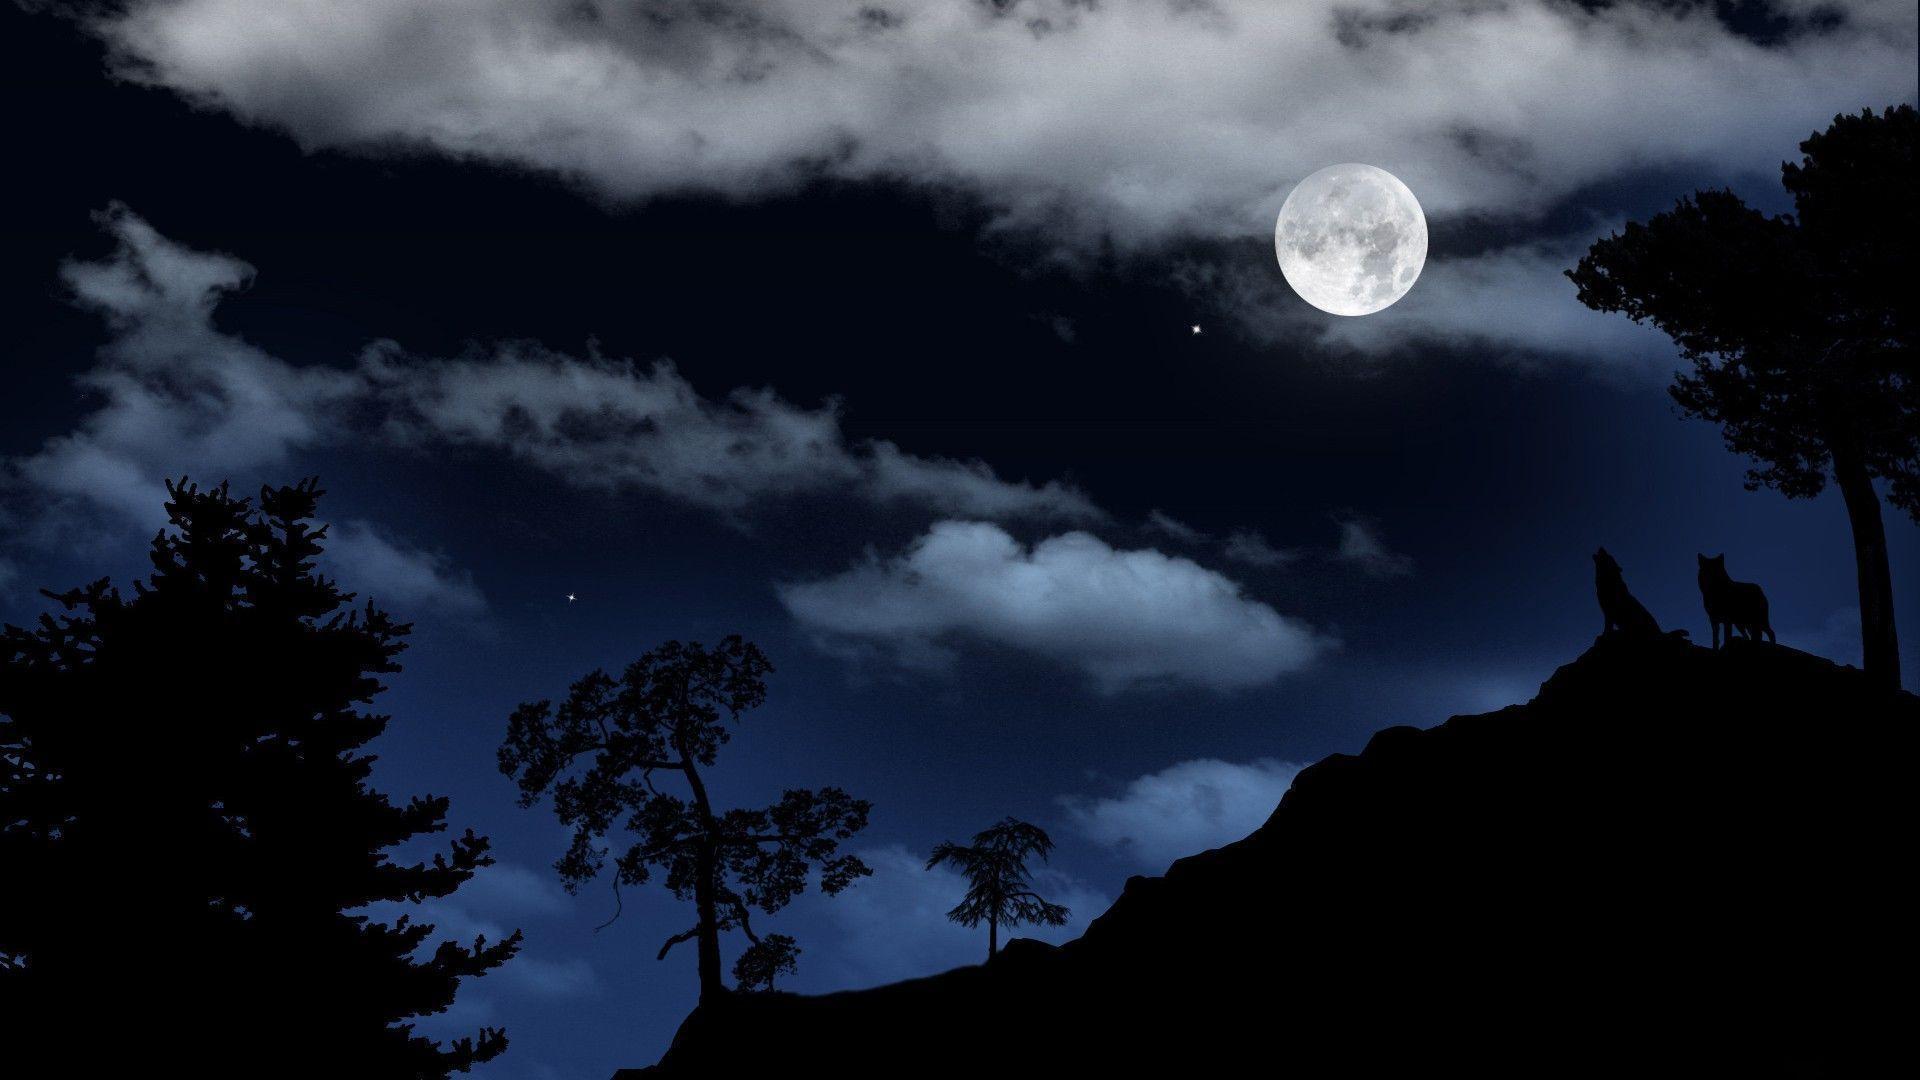 Wolves Under The Moonlight Wallpaper